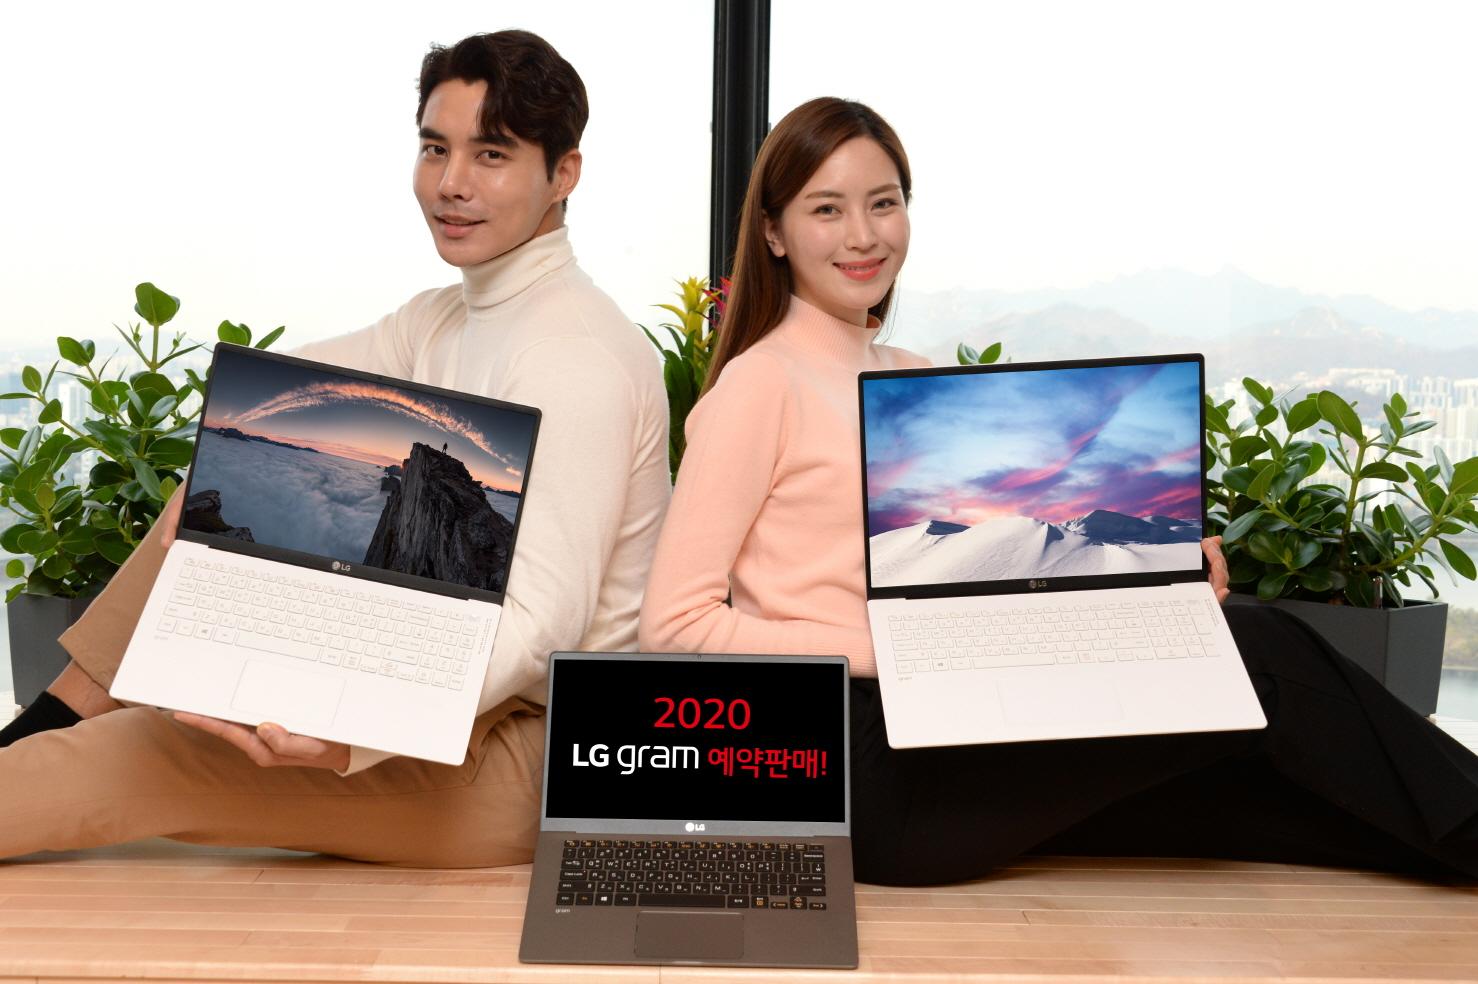 서울 여의도 소재 LG 트윈타워에서 모델들이 대화면, 고성능, 휴대성까지 겸비한 2020년형 'LG 그램' 신제품을 소개하고 있다. 왼쪽 제품부터 'LG 그램 15', 'LG 그램 14', 'LG 그램 17' 제품순임.